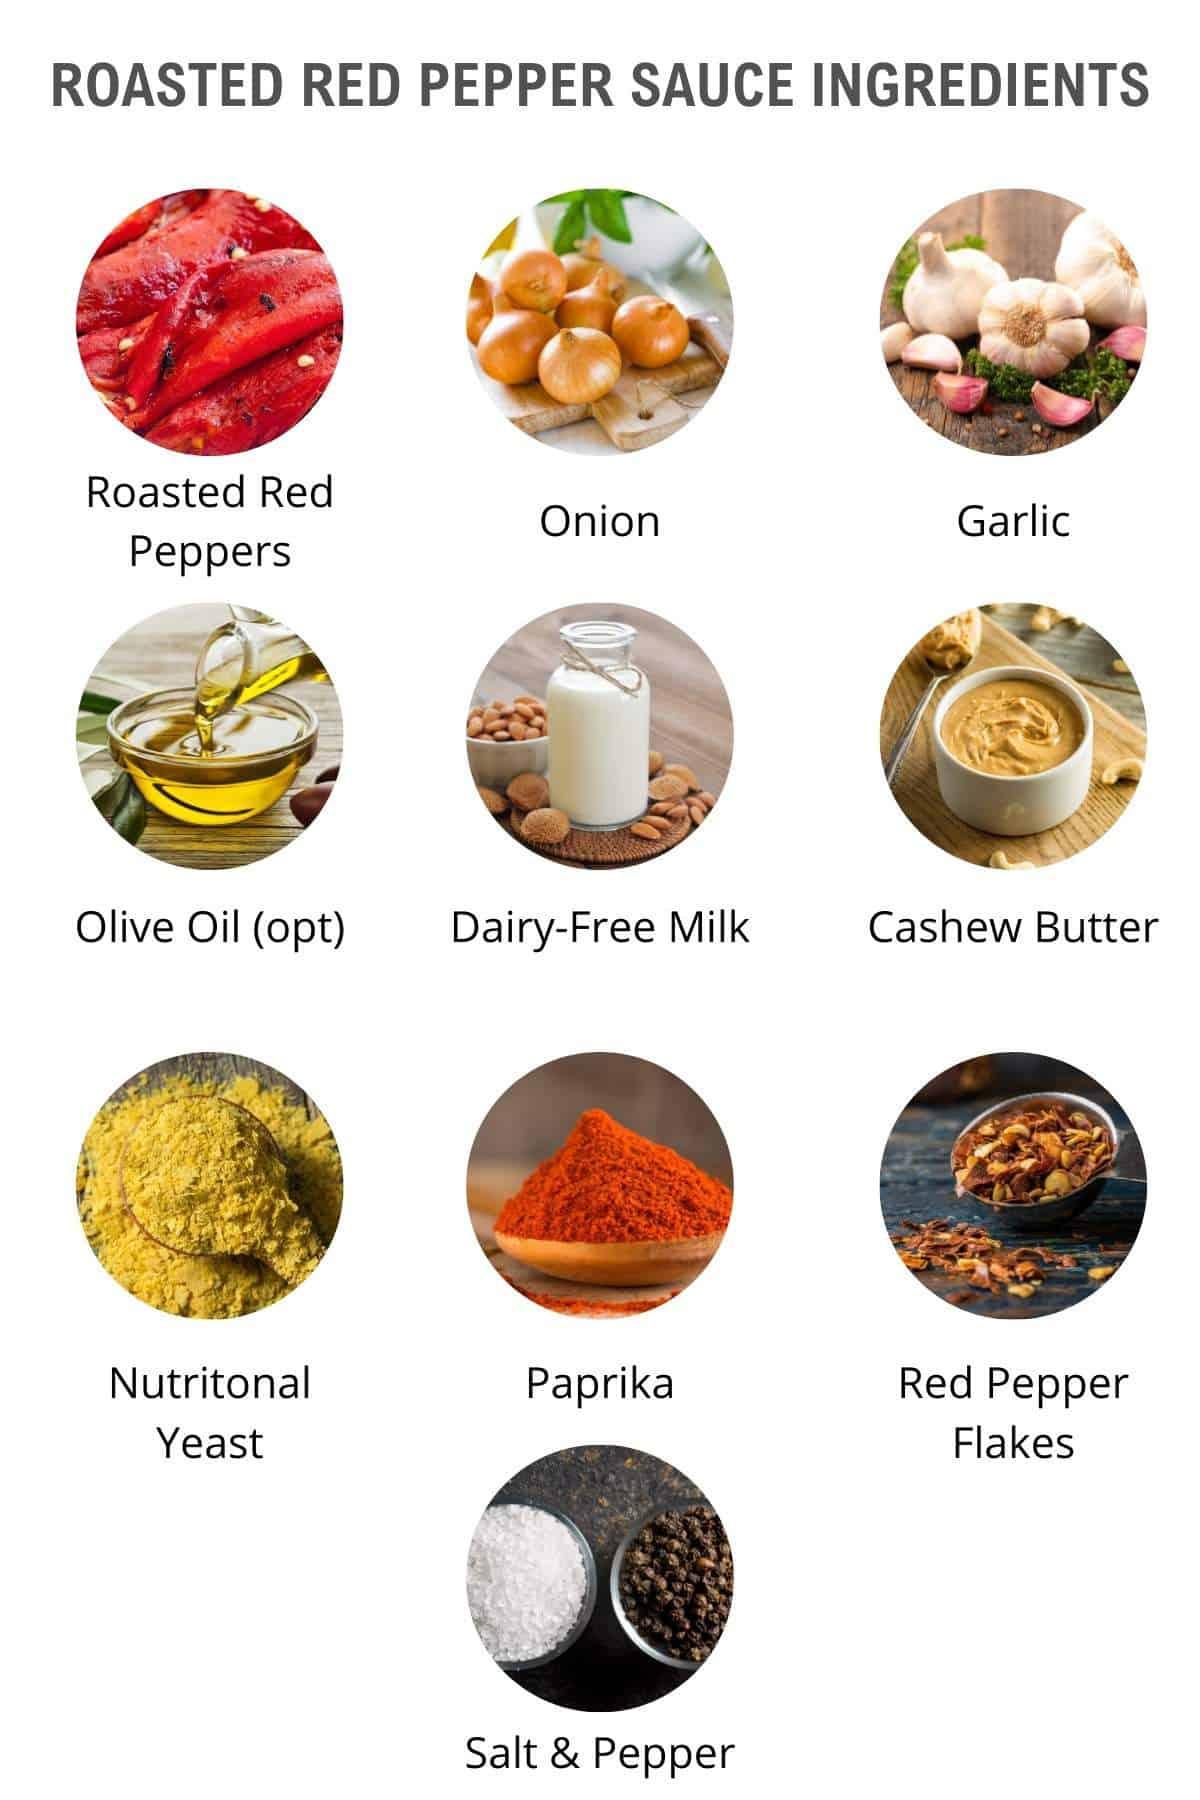 vegan roasted red pepper sauce ingredients